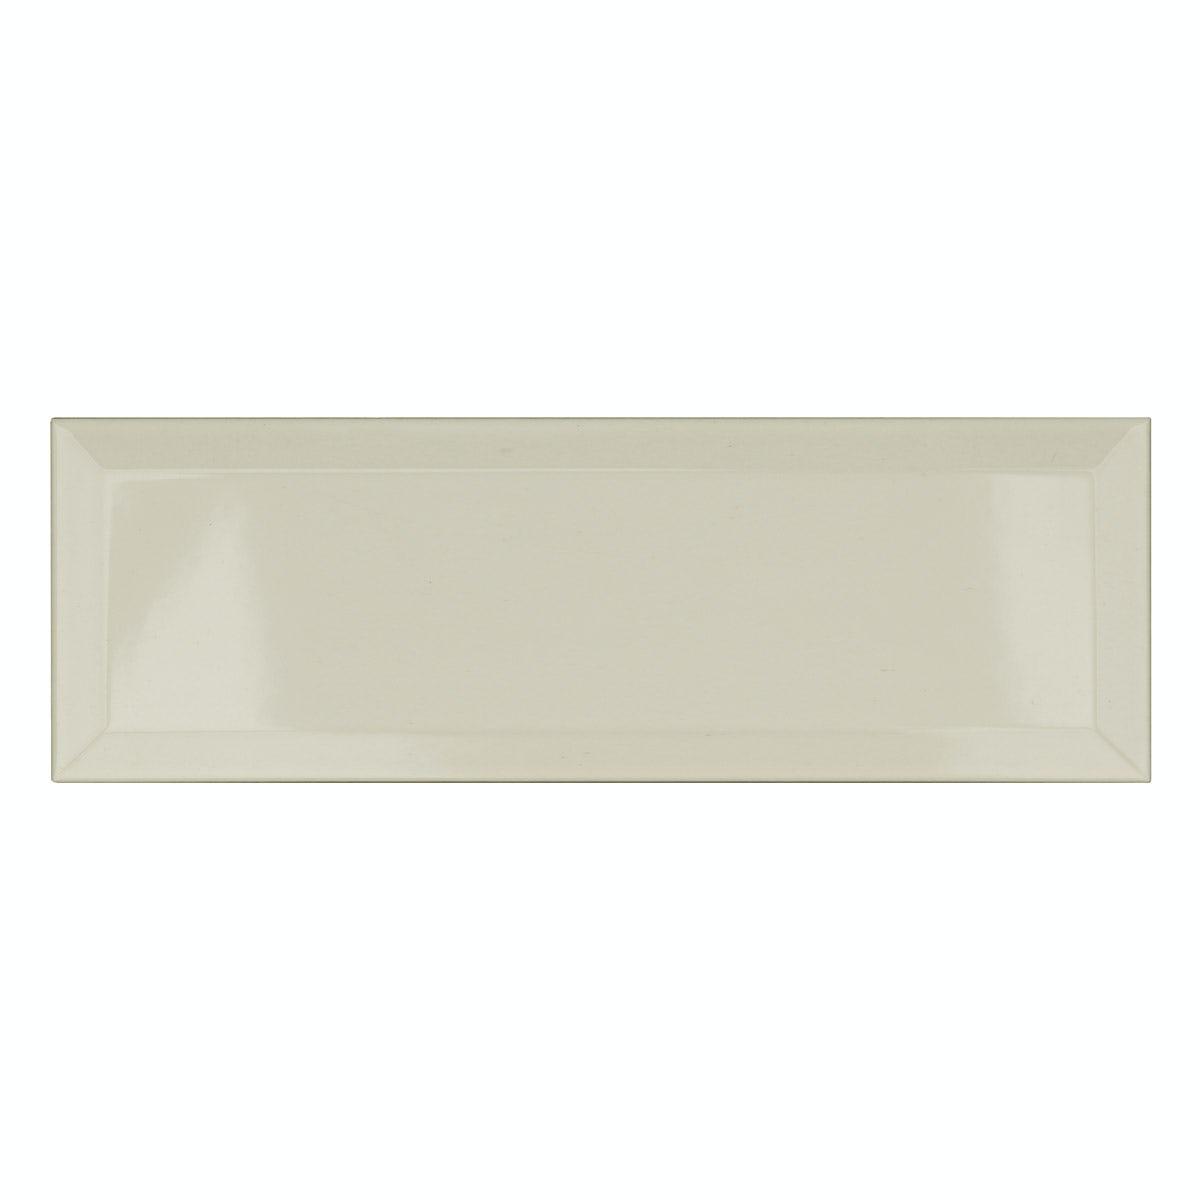 London XL Ivory Cream Bevelled Gloss Metro Wall Tiles 10 X 30cm Tile Samples